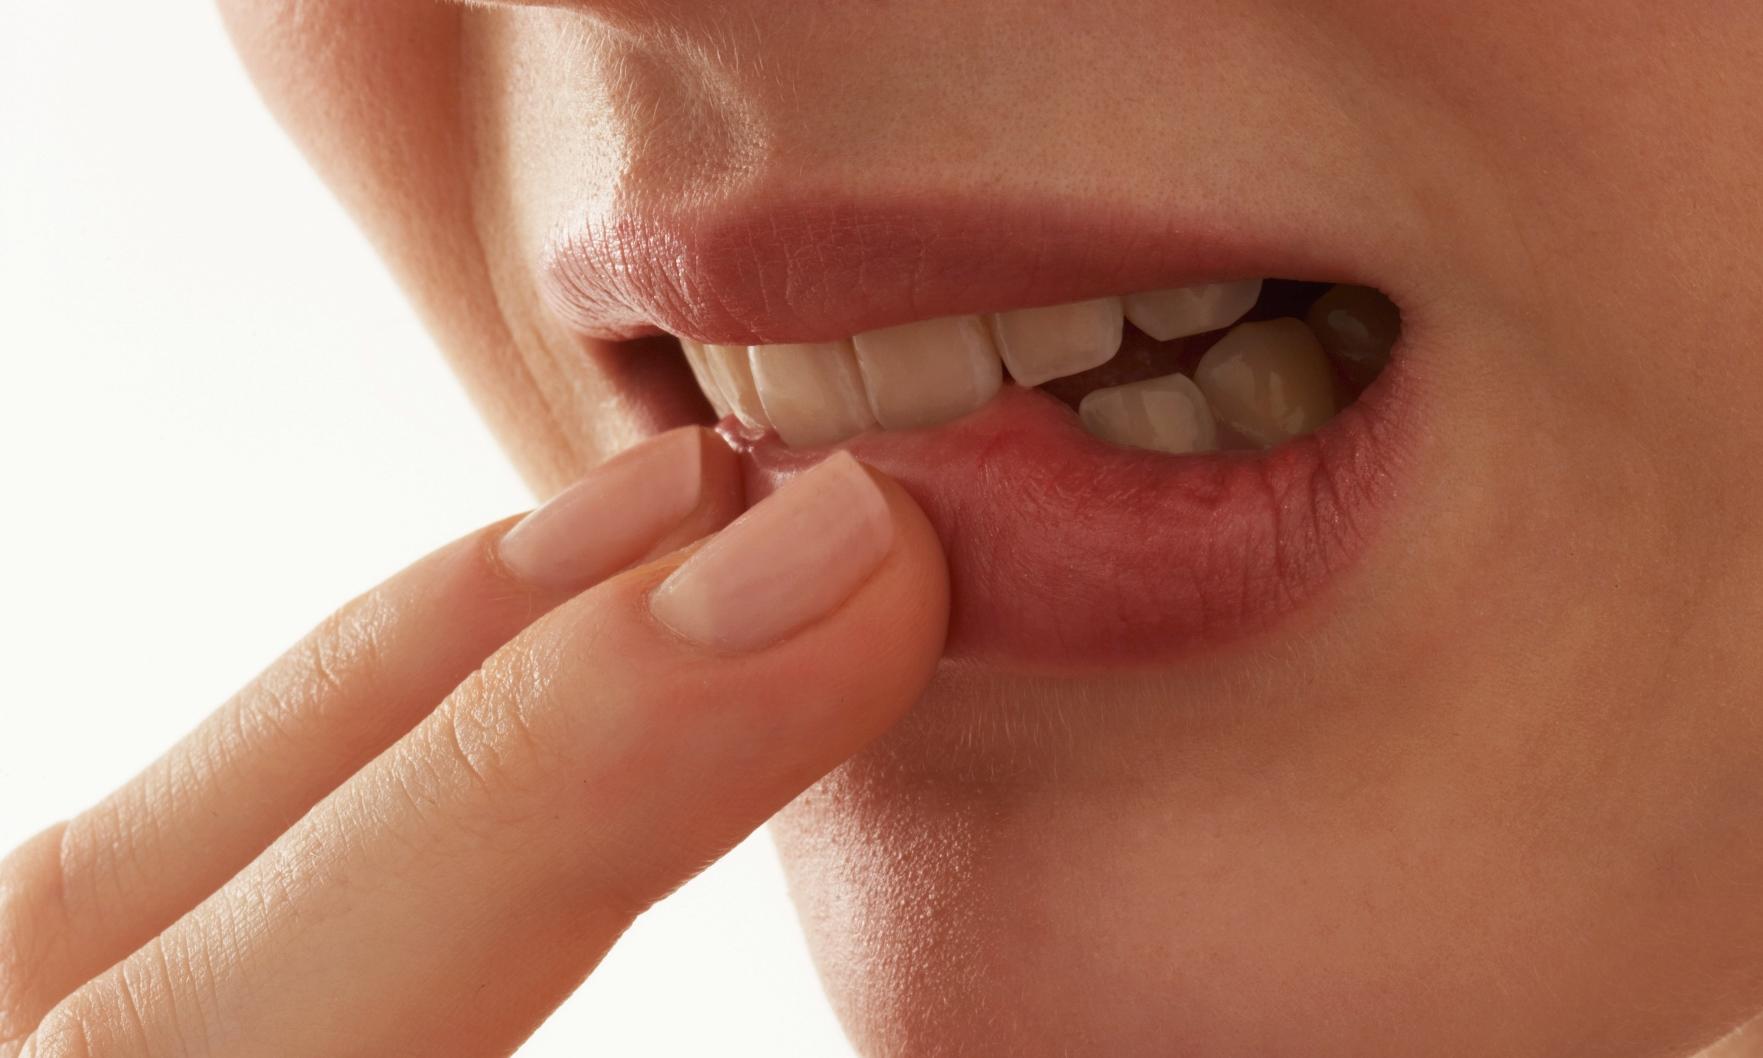 Проявление ВИЧ-инфекции в полости рта. Язык при ВИЧ-инфекции: фото